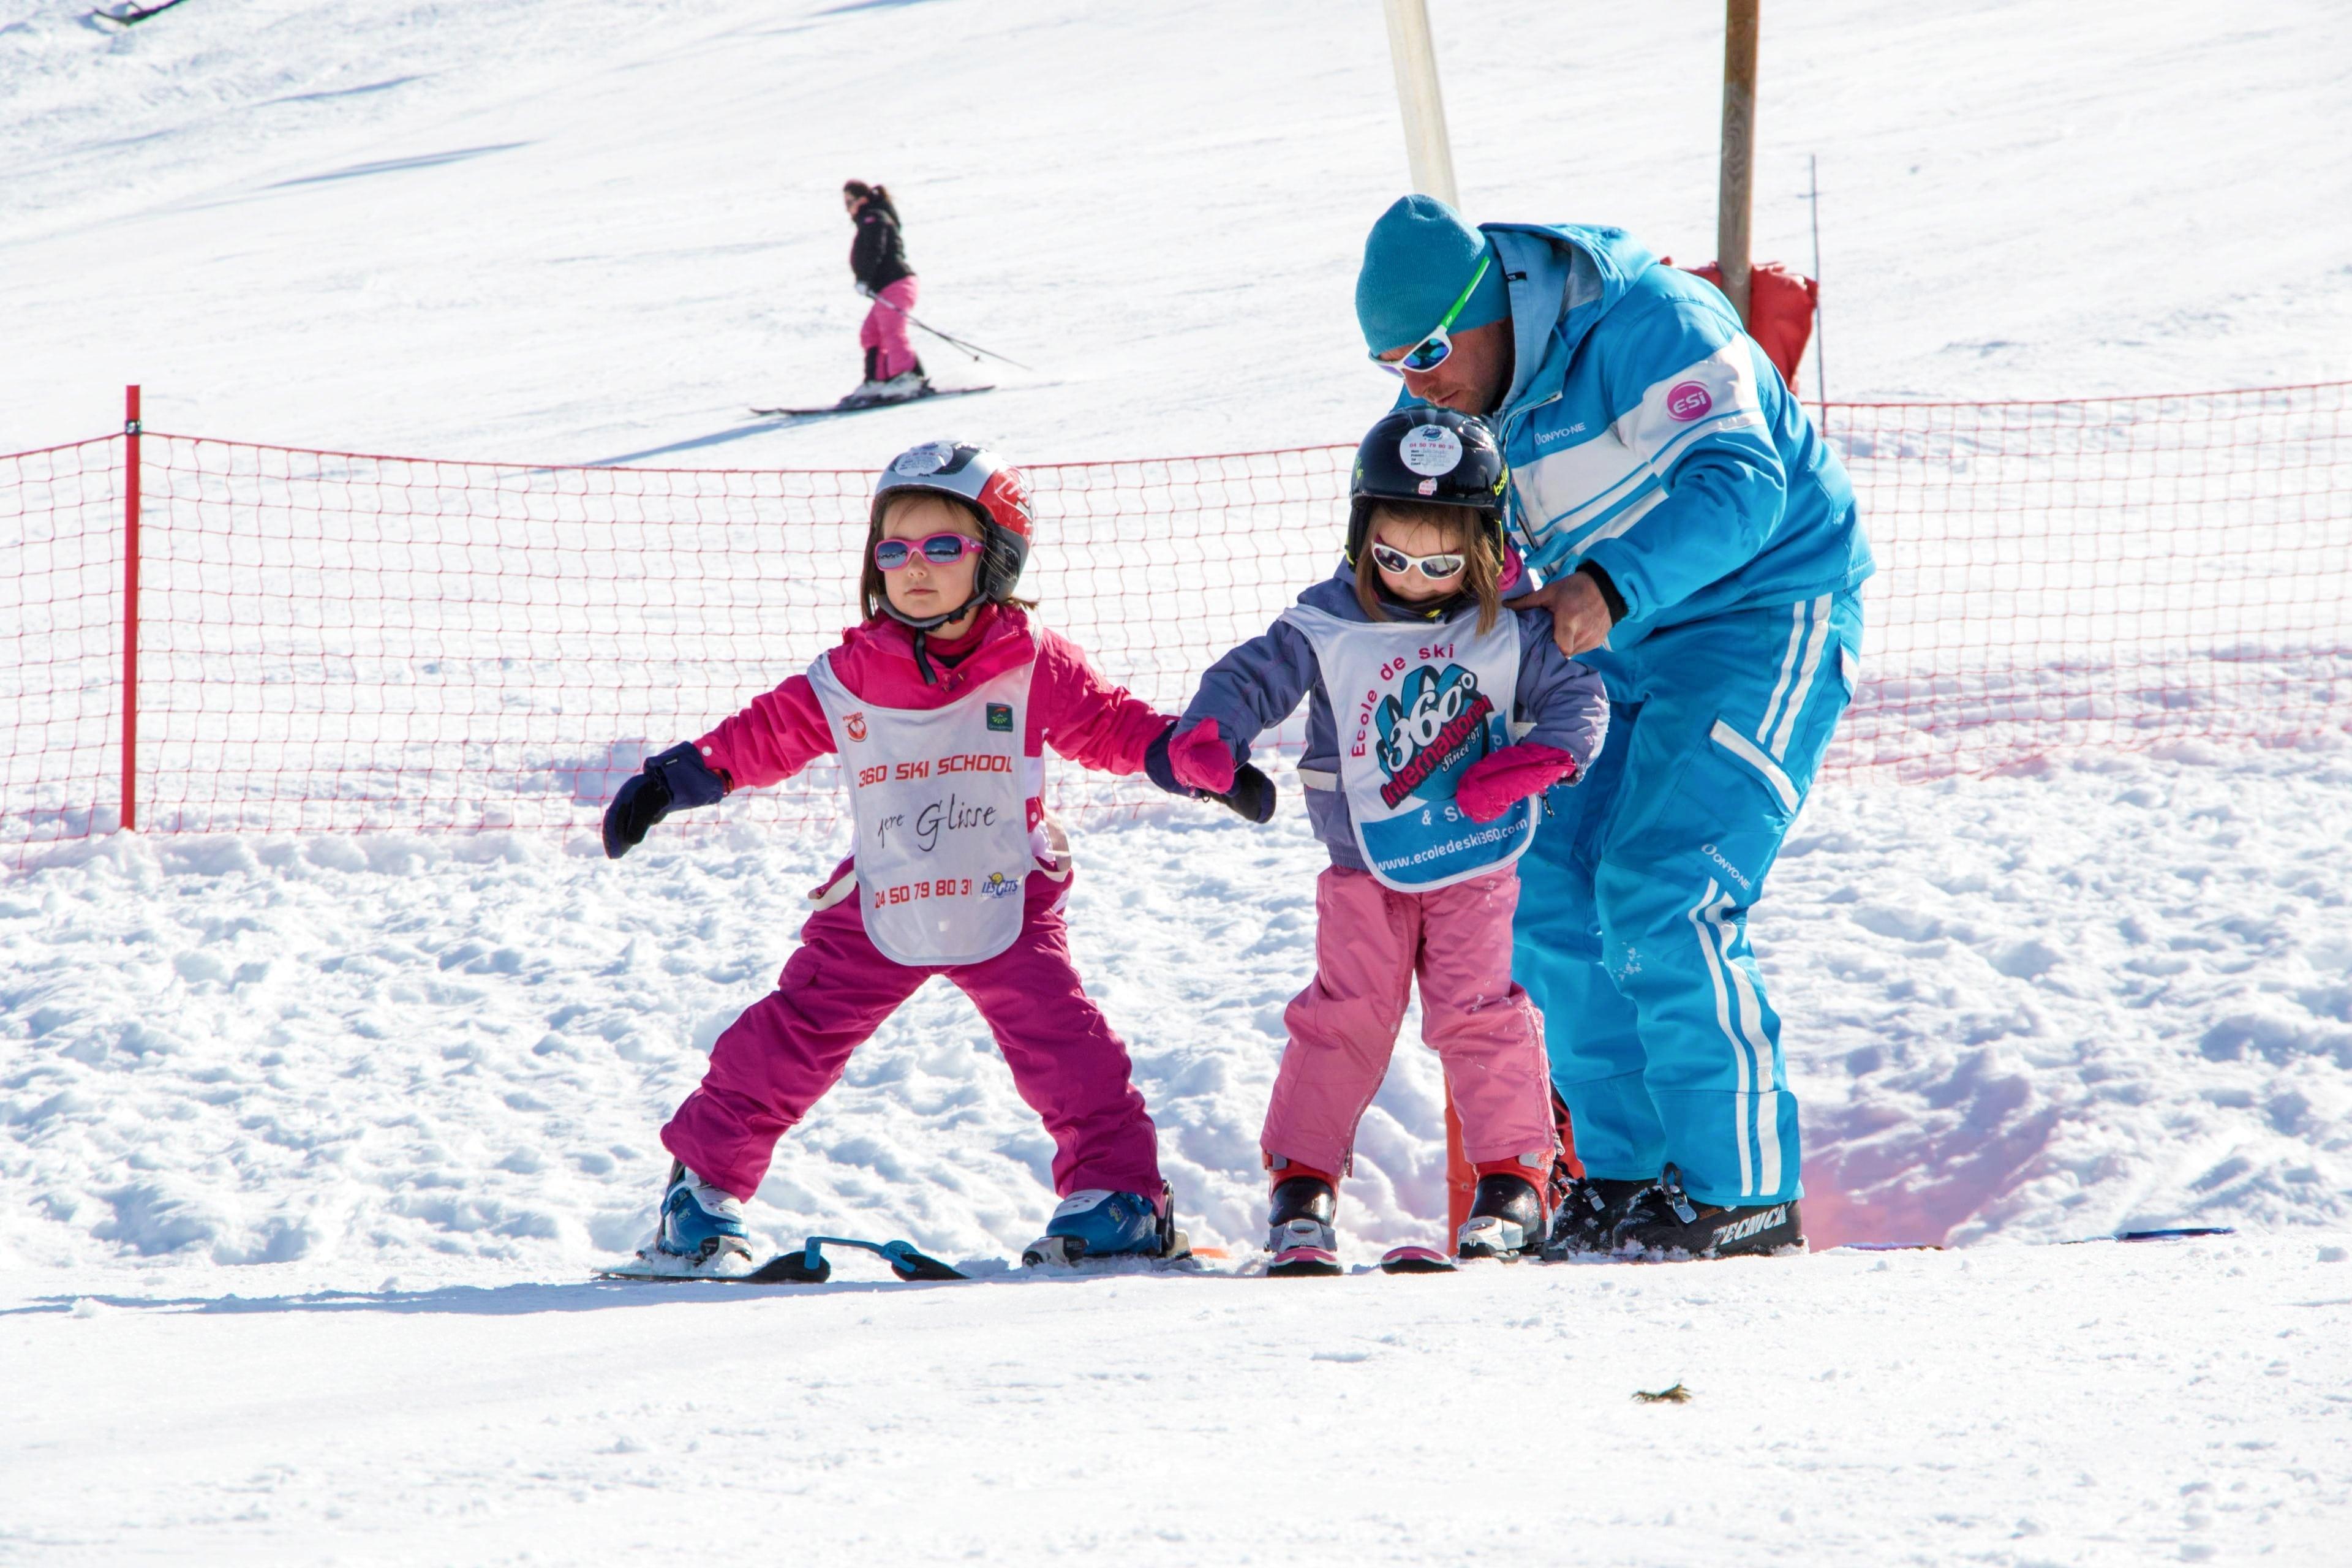 1er Cours de ski Enfants (4-8 ans) - Basse saison